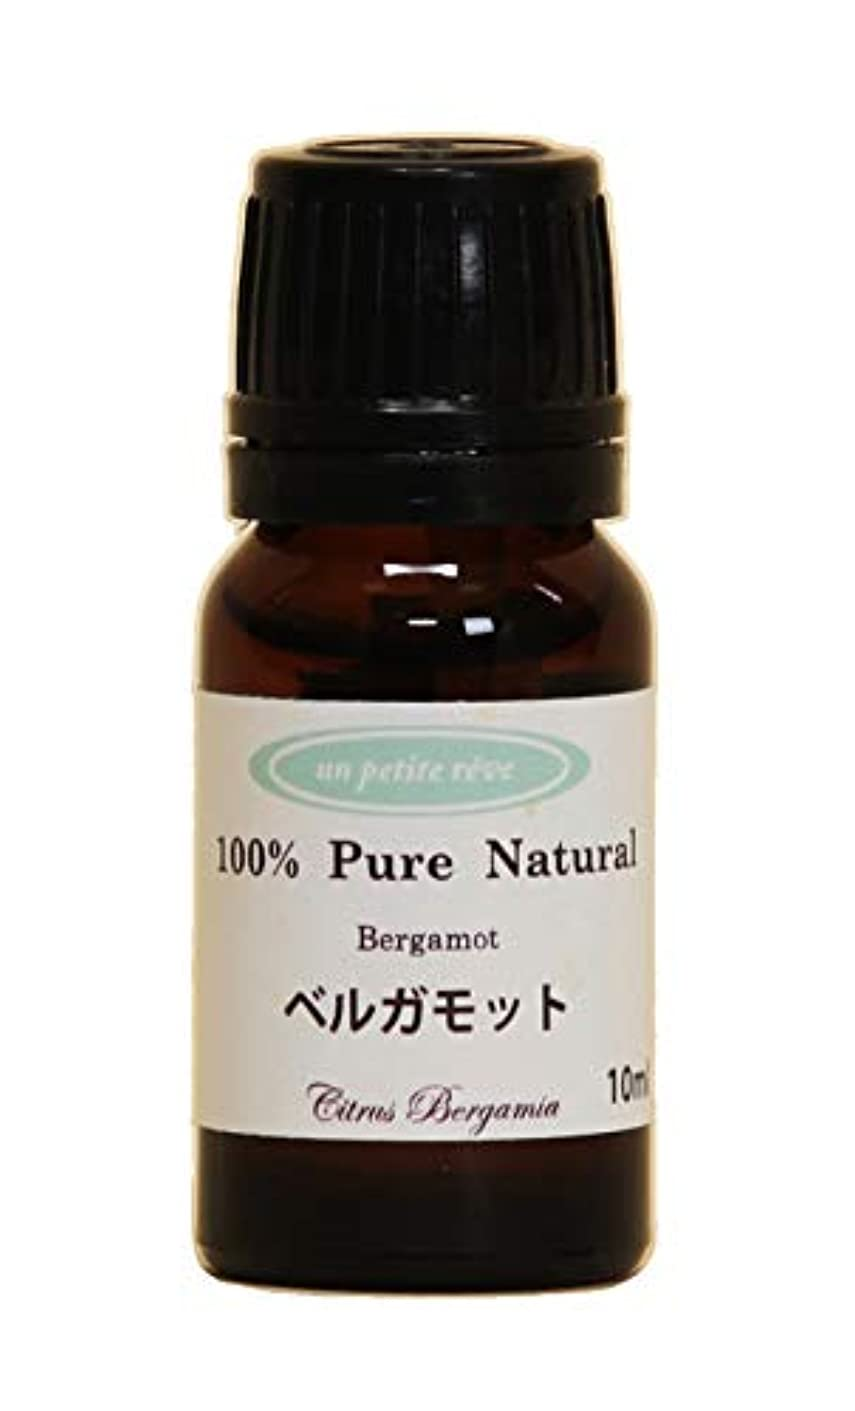 胚芽邪悪なスペルベルガモット 10ml 100%天然アロマエッセンシャルオイル(精油)